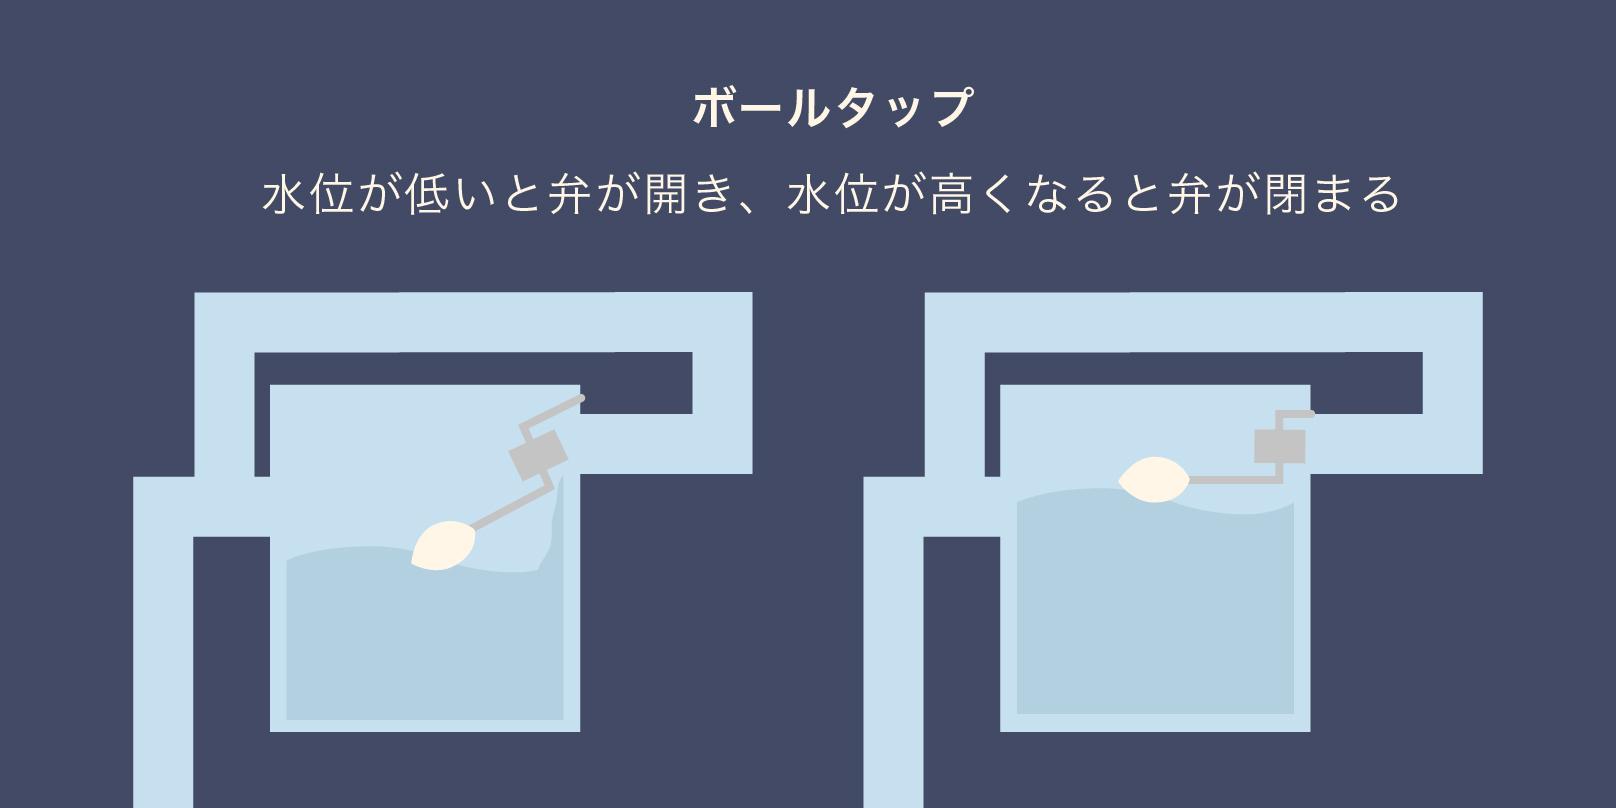 ボールタップの仕組みを表している 左側では水位が低く弁が空いている様子で右側は水位が高く弁が閉じているイメージ